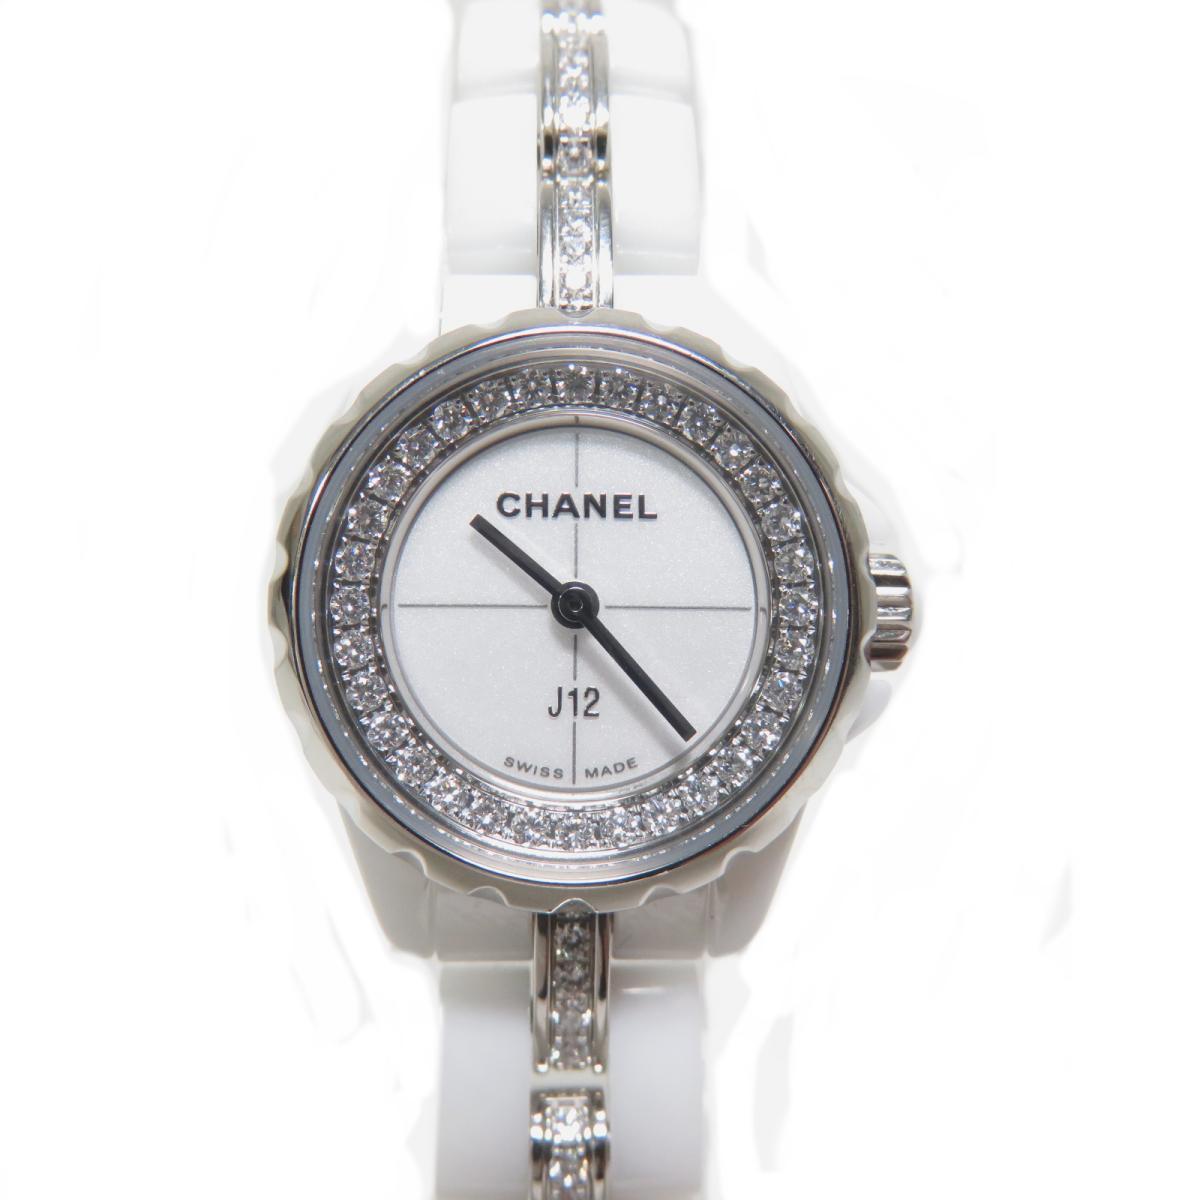 【中古】 シャネル J12 x S ベゼルダイヤ 時計 ウォッチ レディース ステンレススチール (SS) セラミック ダイヤ (H5238)   CHANEL BRANDOFF ブランドオフ ブランド ブランド時計 ブランド腕時計 腕時計